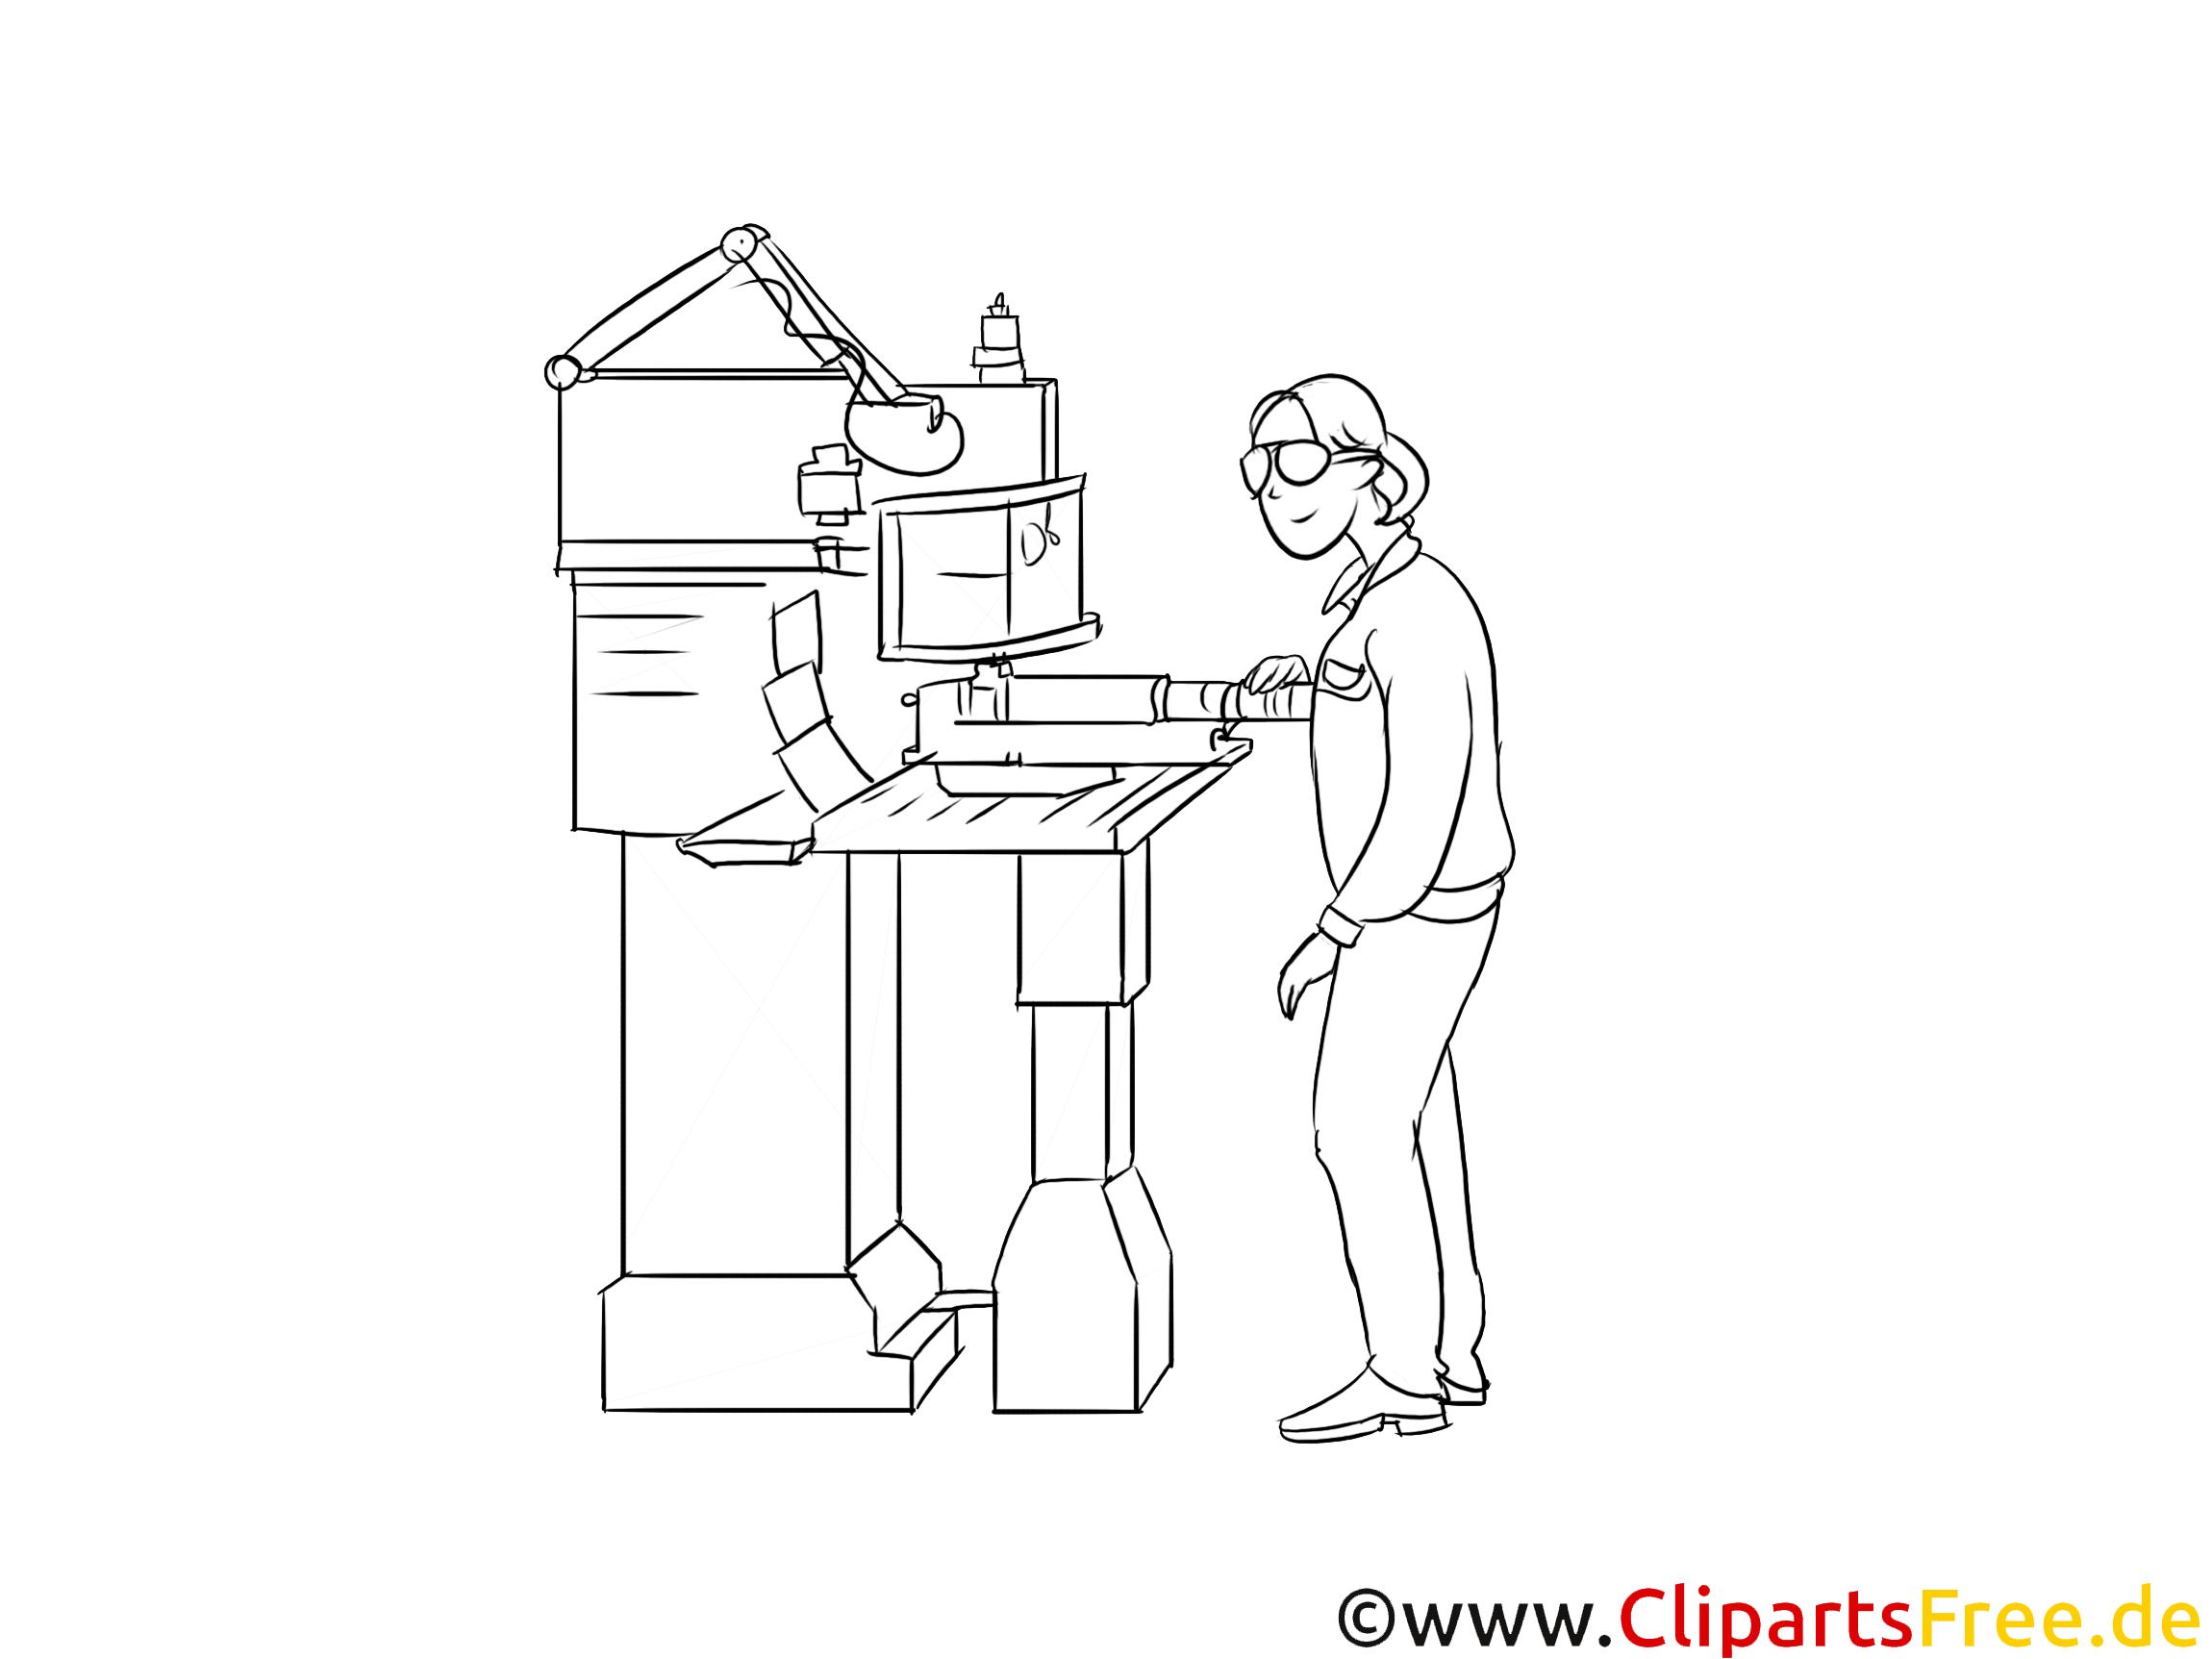 Fachkraft für Metalltechnik Clipart, Grafik, Bild schwarz-weiß